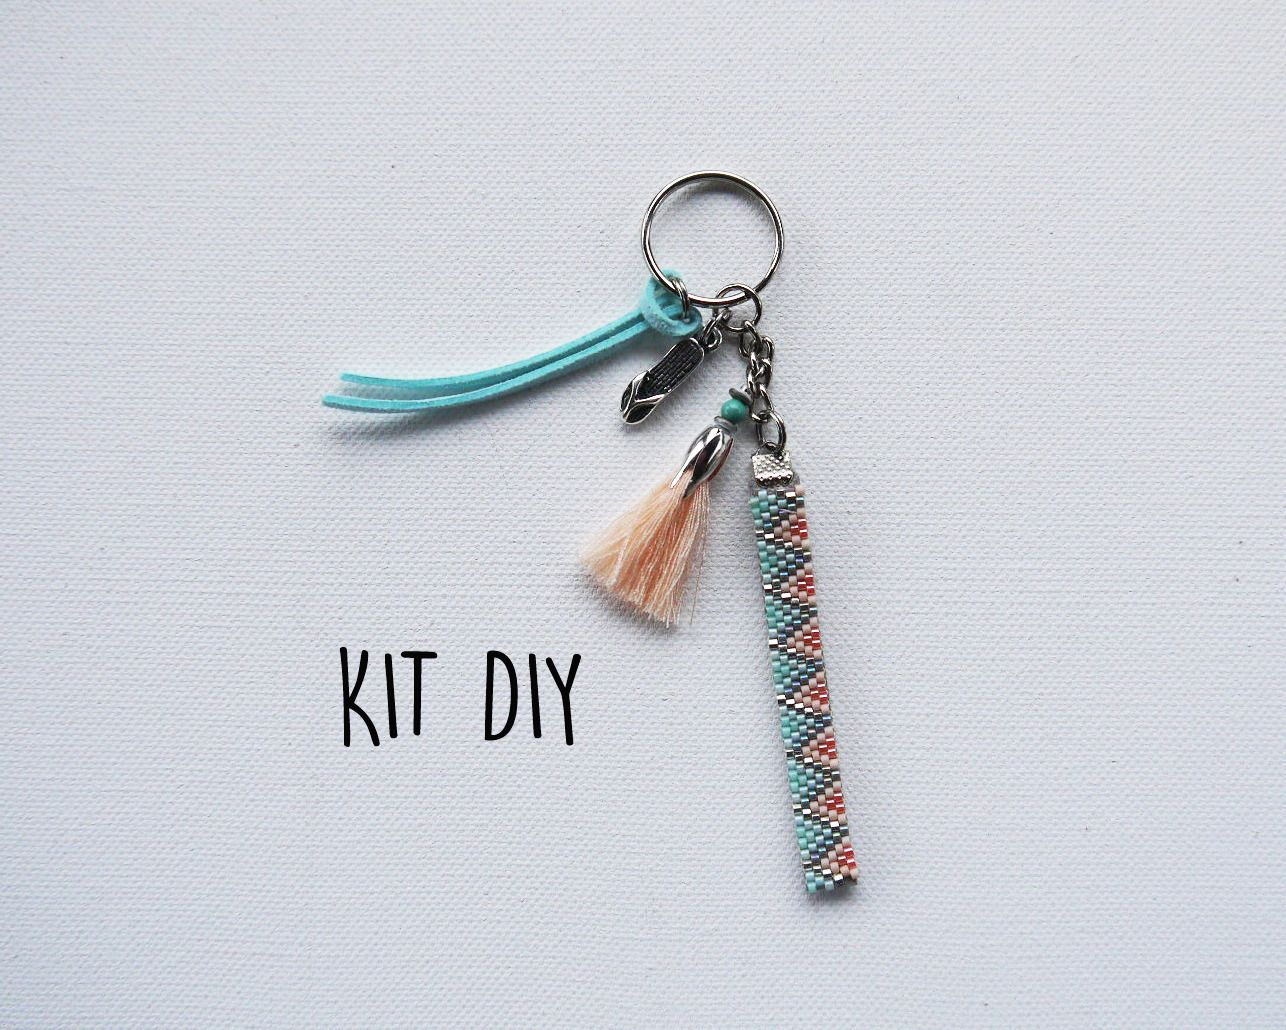 idée cadeau Kit DIY Porte clés ou bijou de sac tons vert et abricot